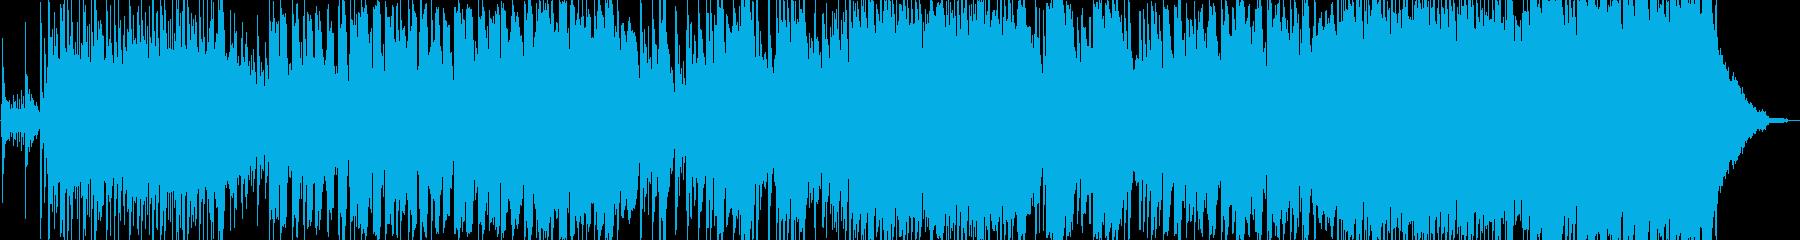 切ない雰囲気の三拍子和風楽曲の再生済みの波形